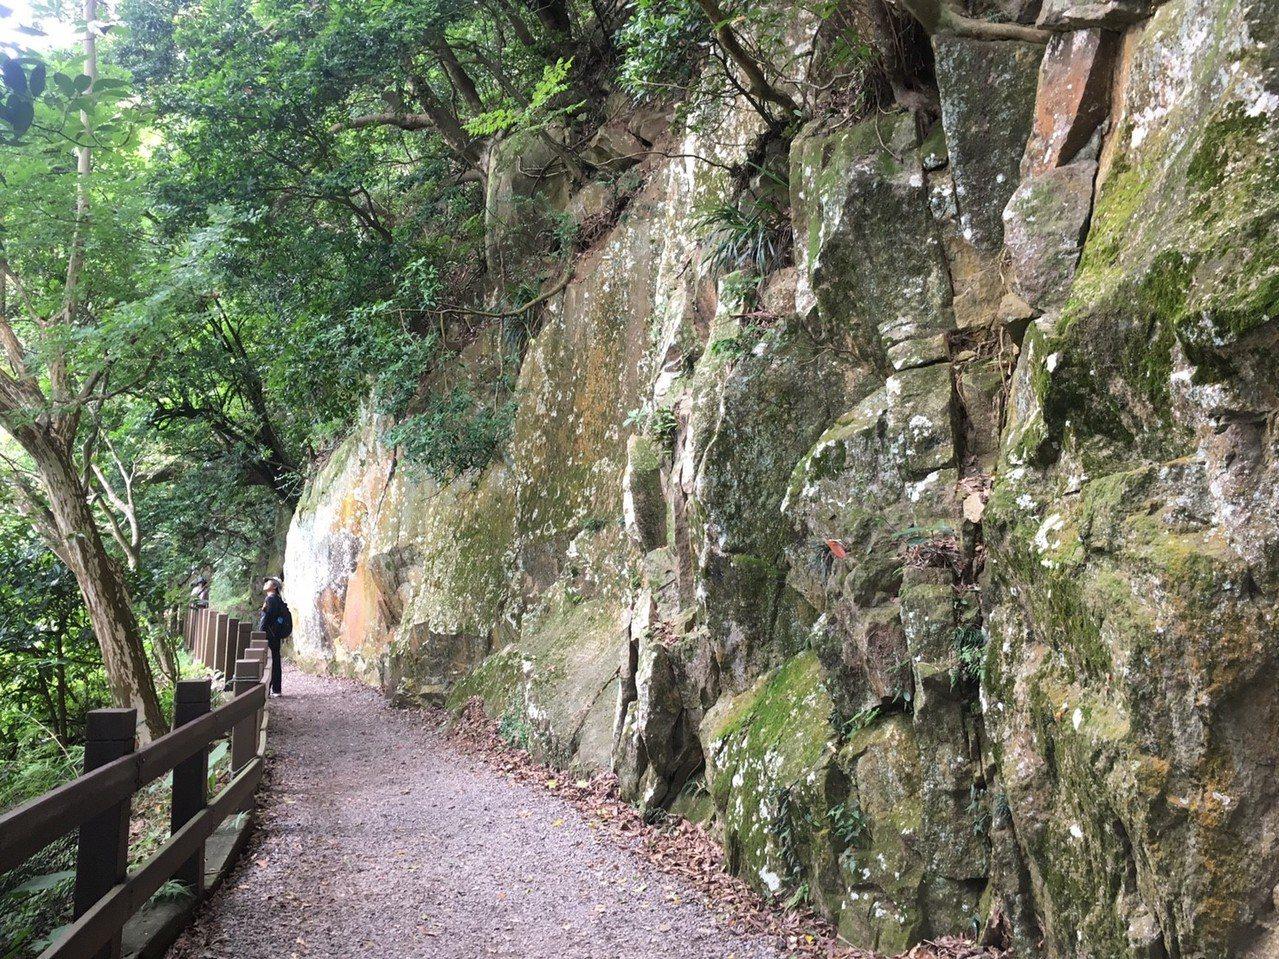 抵達翠峰亭前會經過一段裸岩峭壁。圖/摘自臺北市政府工務局大地工程處官網